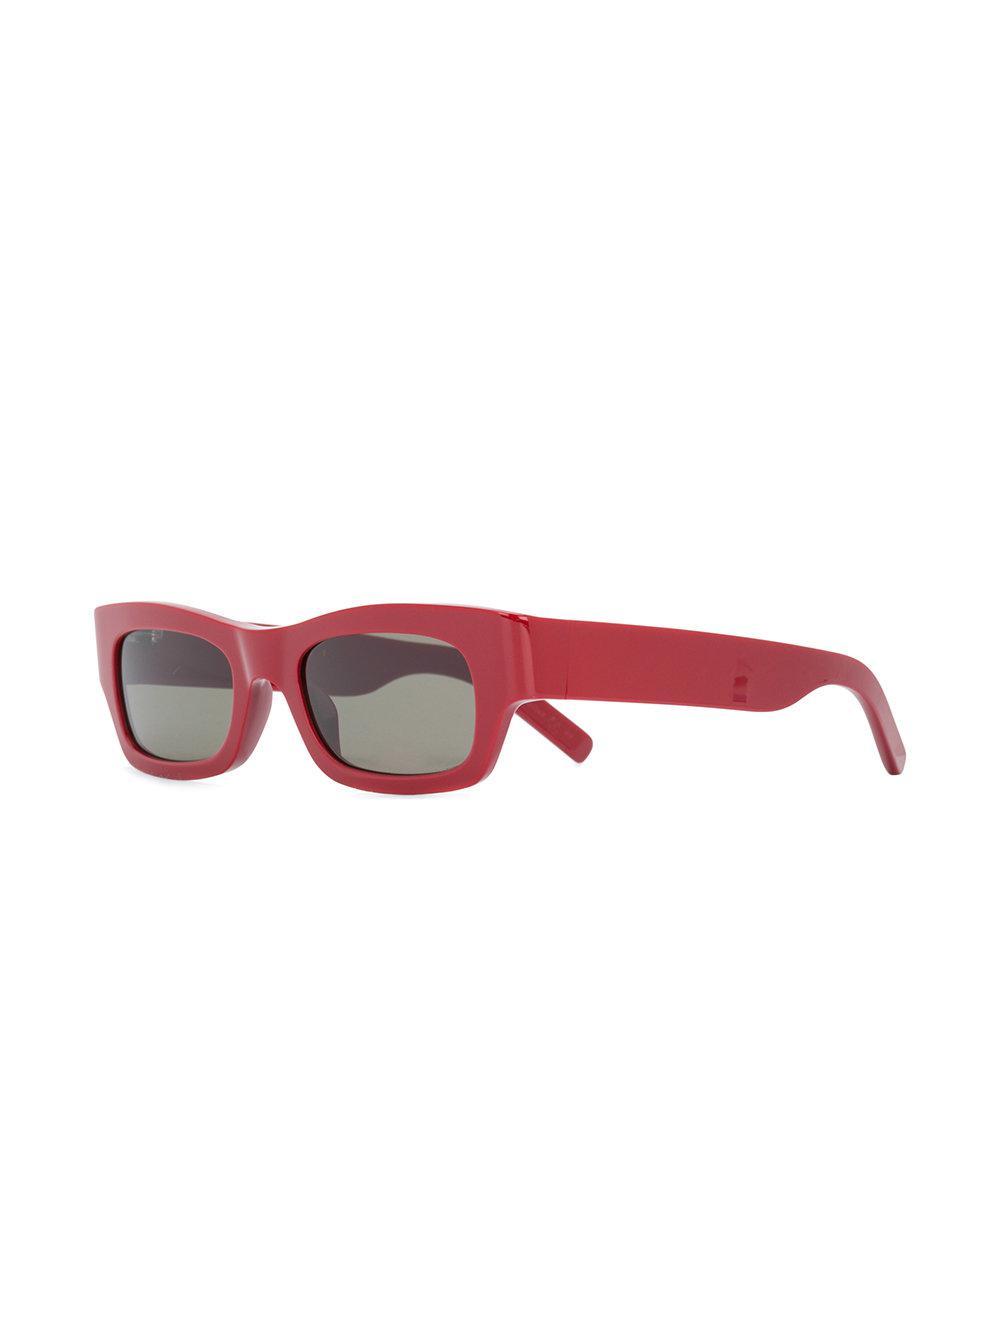 Gafas Eyewear Marni Me2605 Eyewear Marni Me2605 Gafas Eyewear Marni Gafas pwXTxqU7Y